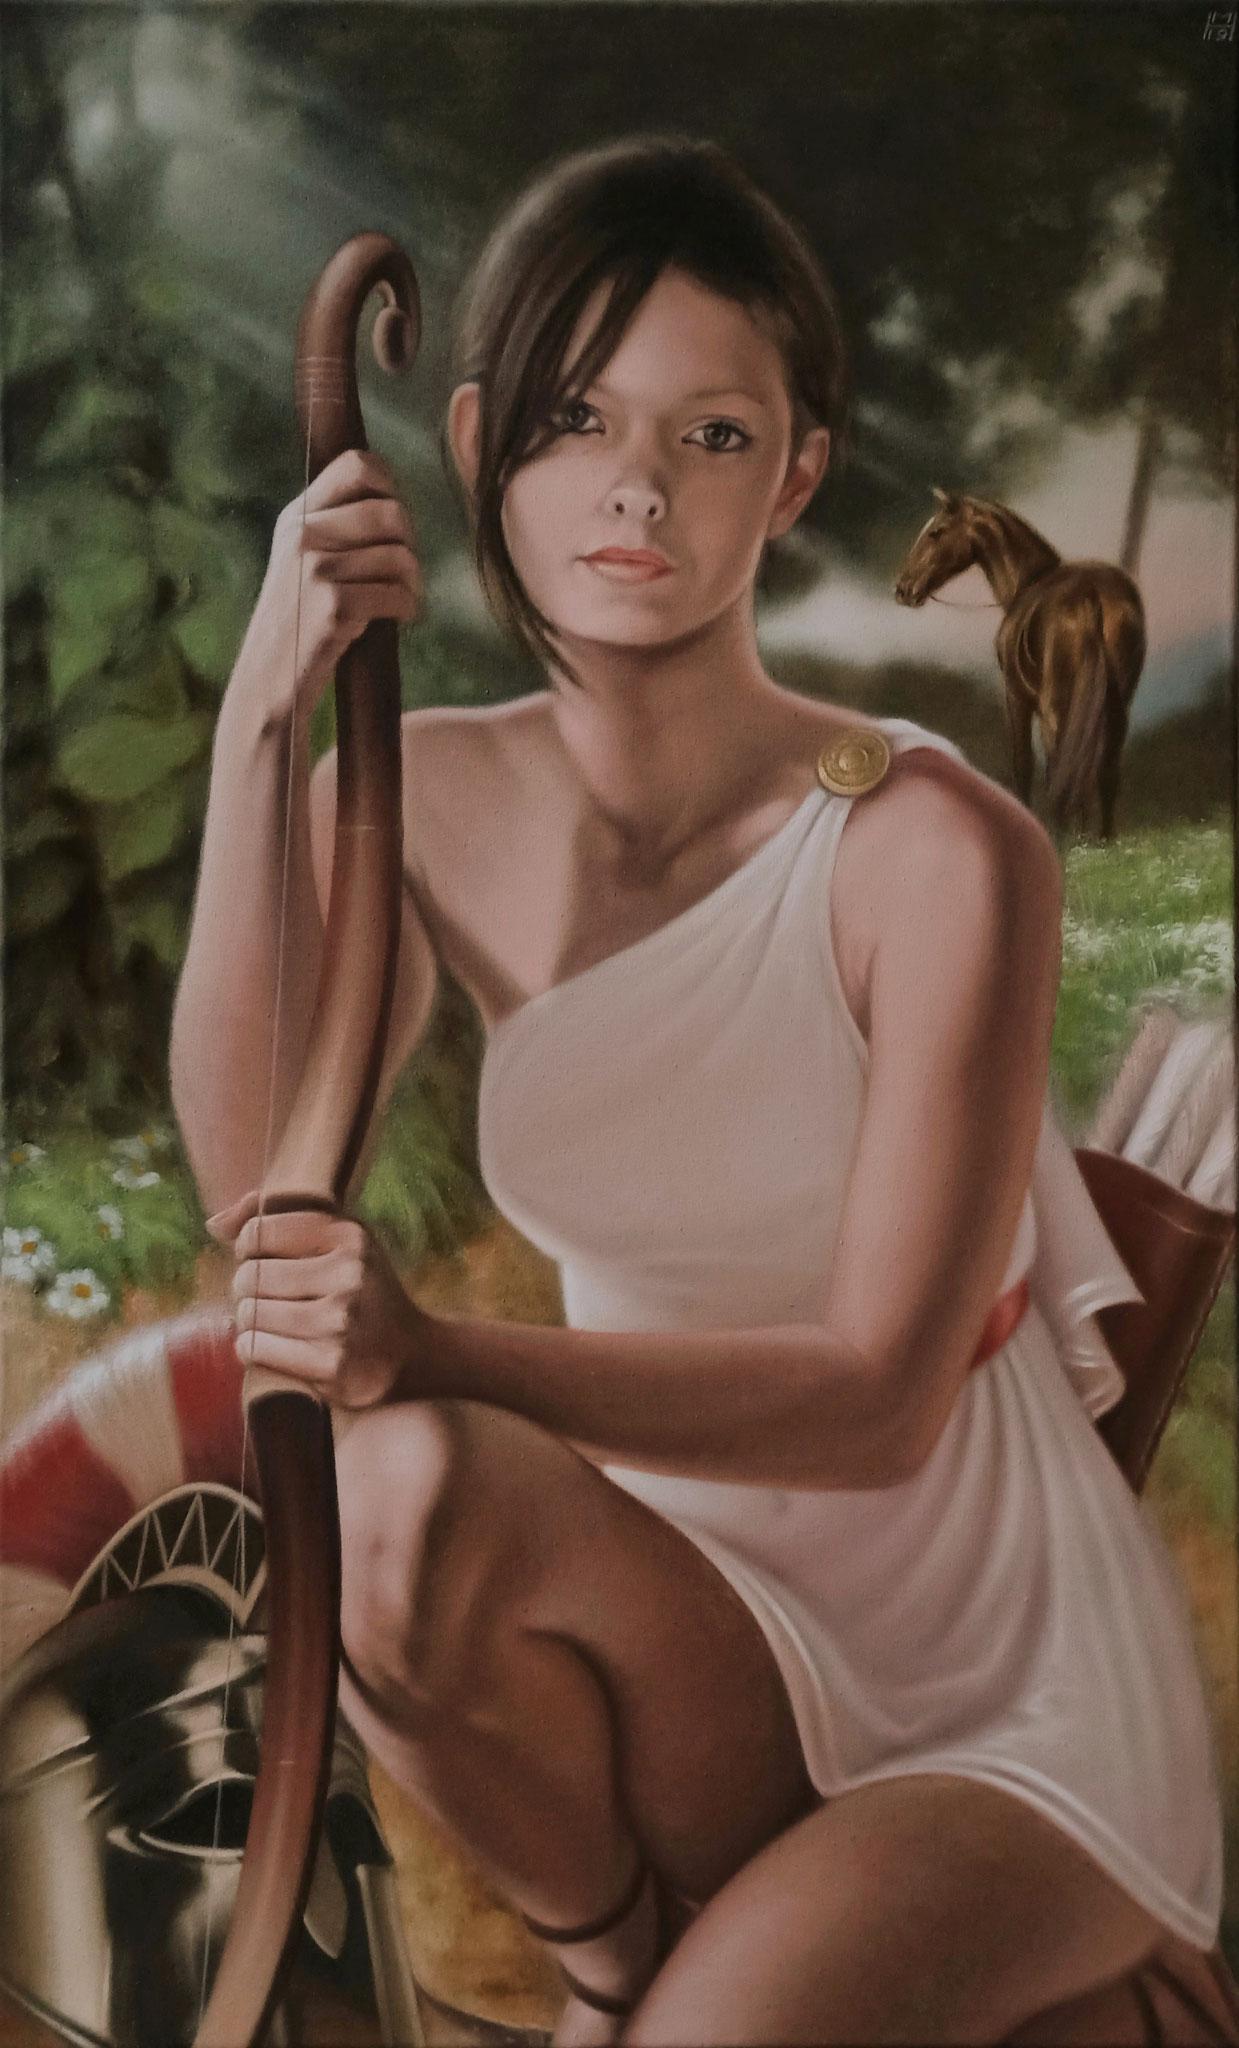 Amazone, Öl auf Leinwand, 54 x 88 cm